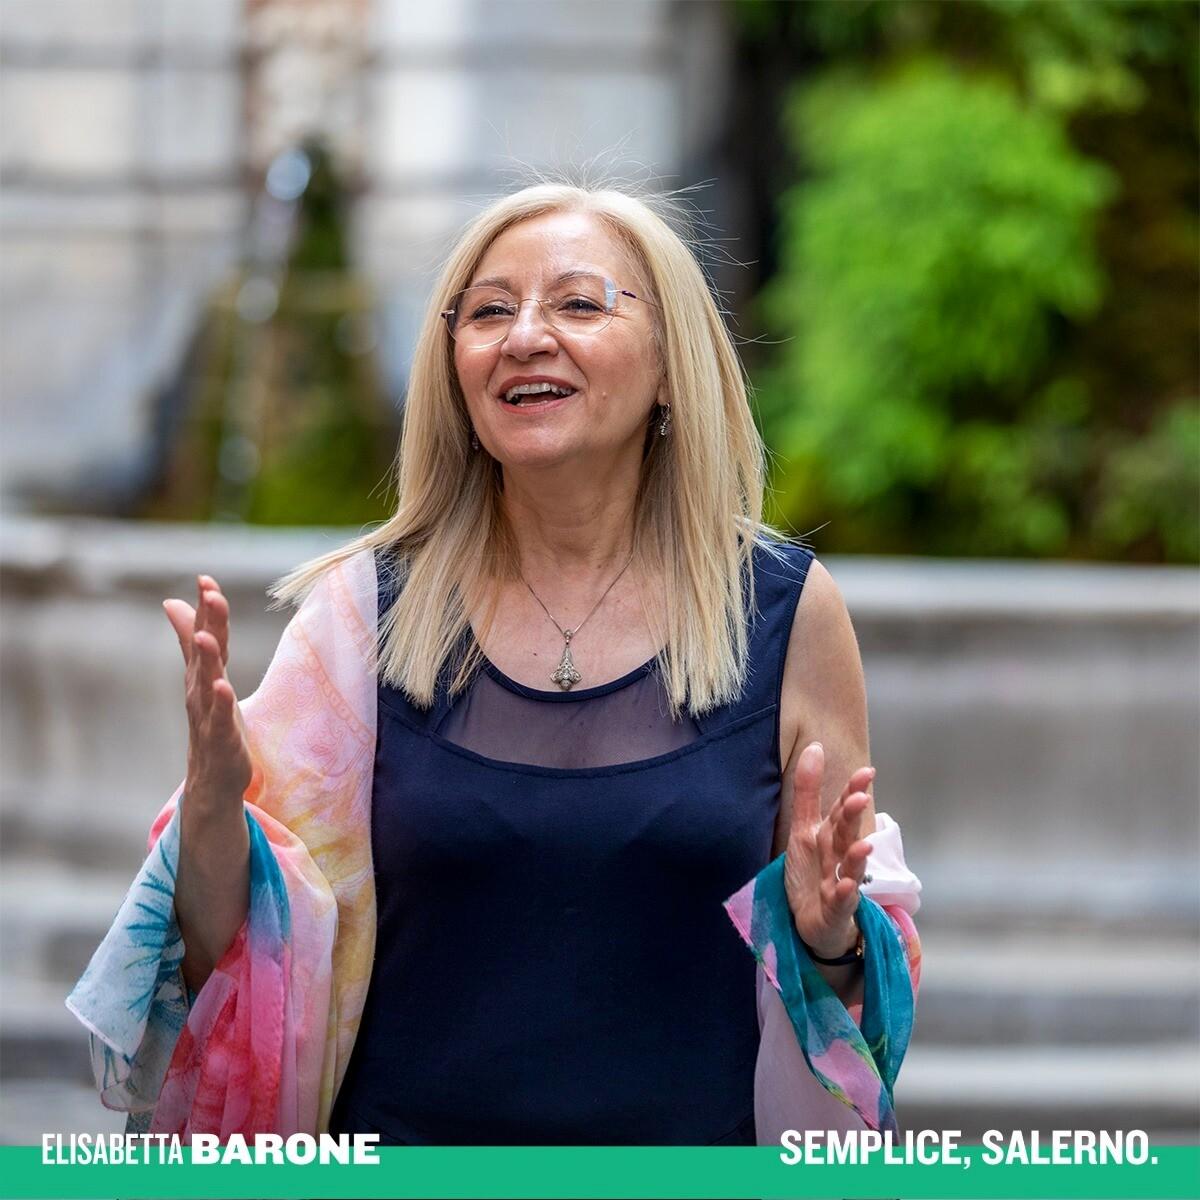 Elezioni a Salerno, ecco le liste a sostegno di Elisabetta Barone